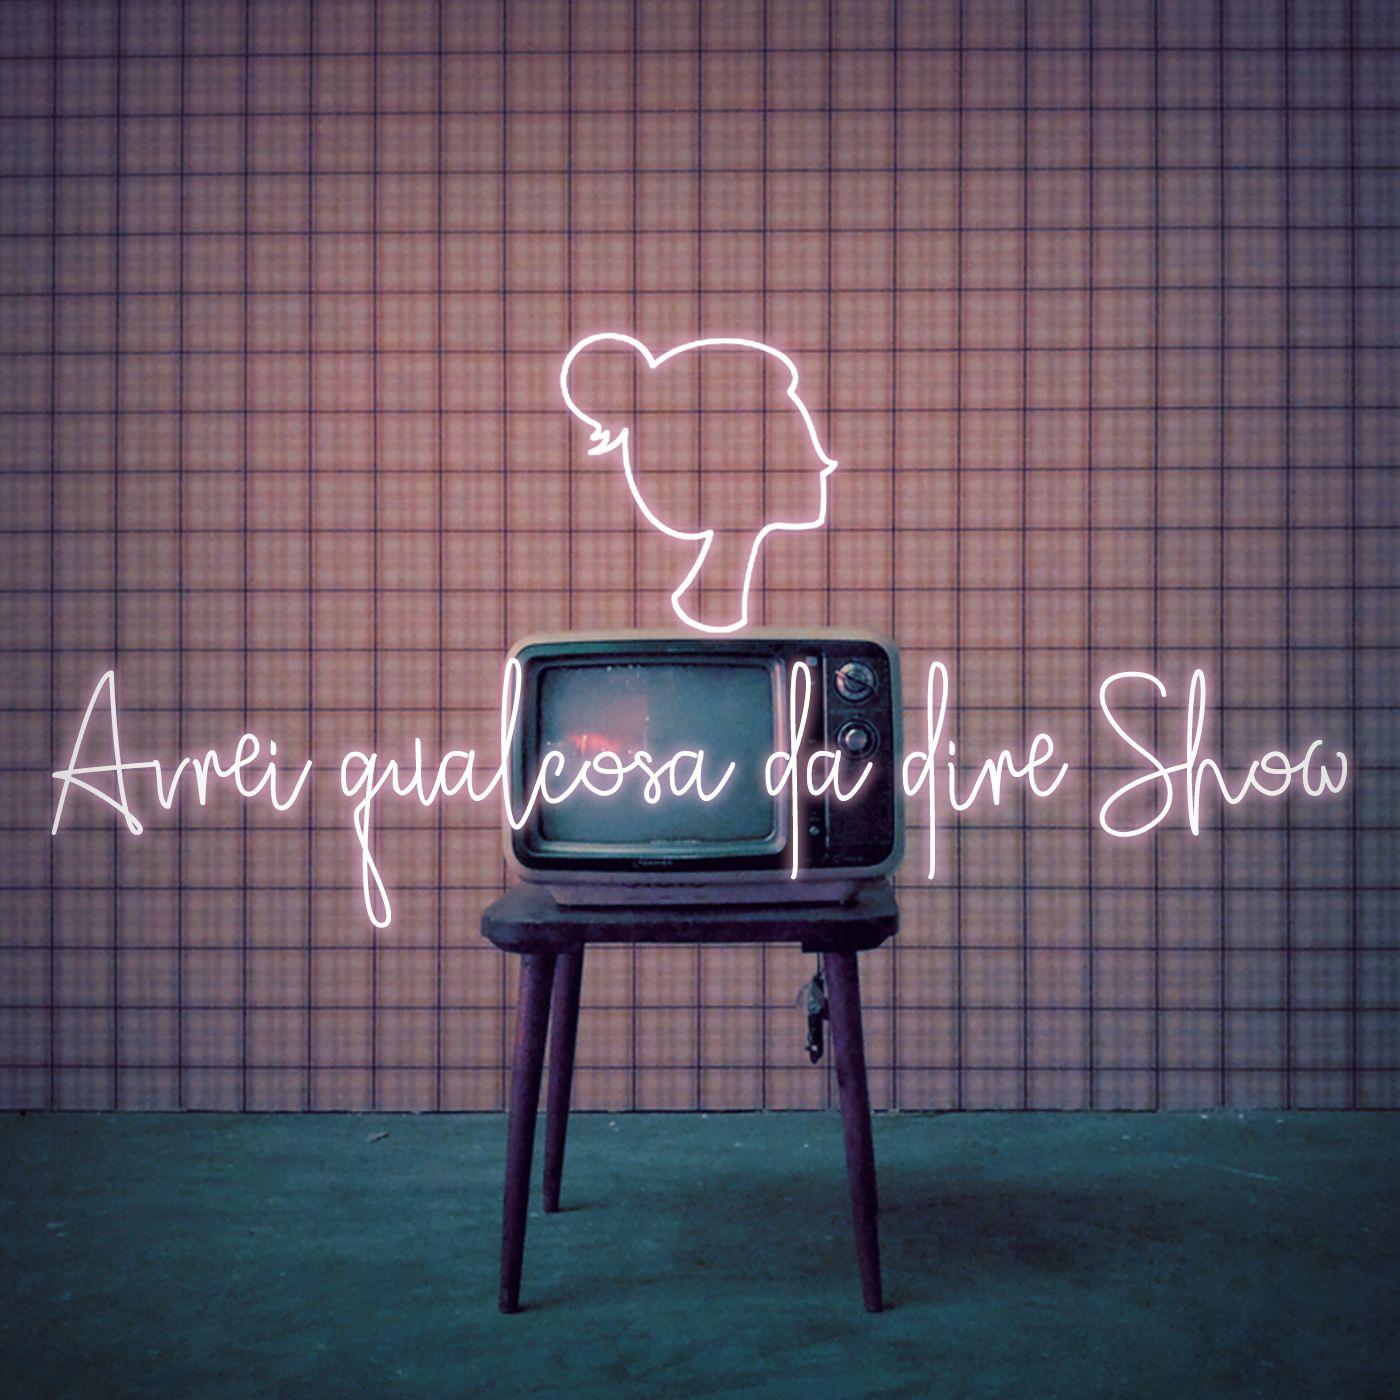 Trailer - Avrei qualcosa da dire Show